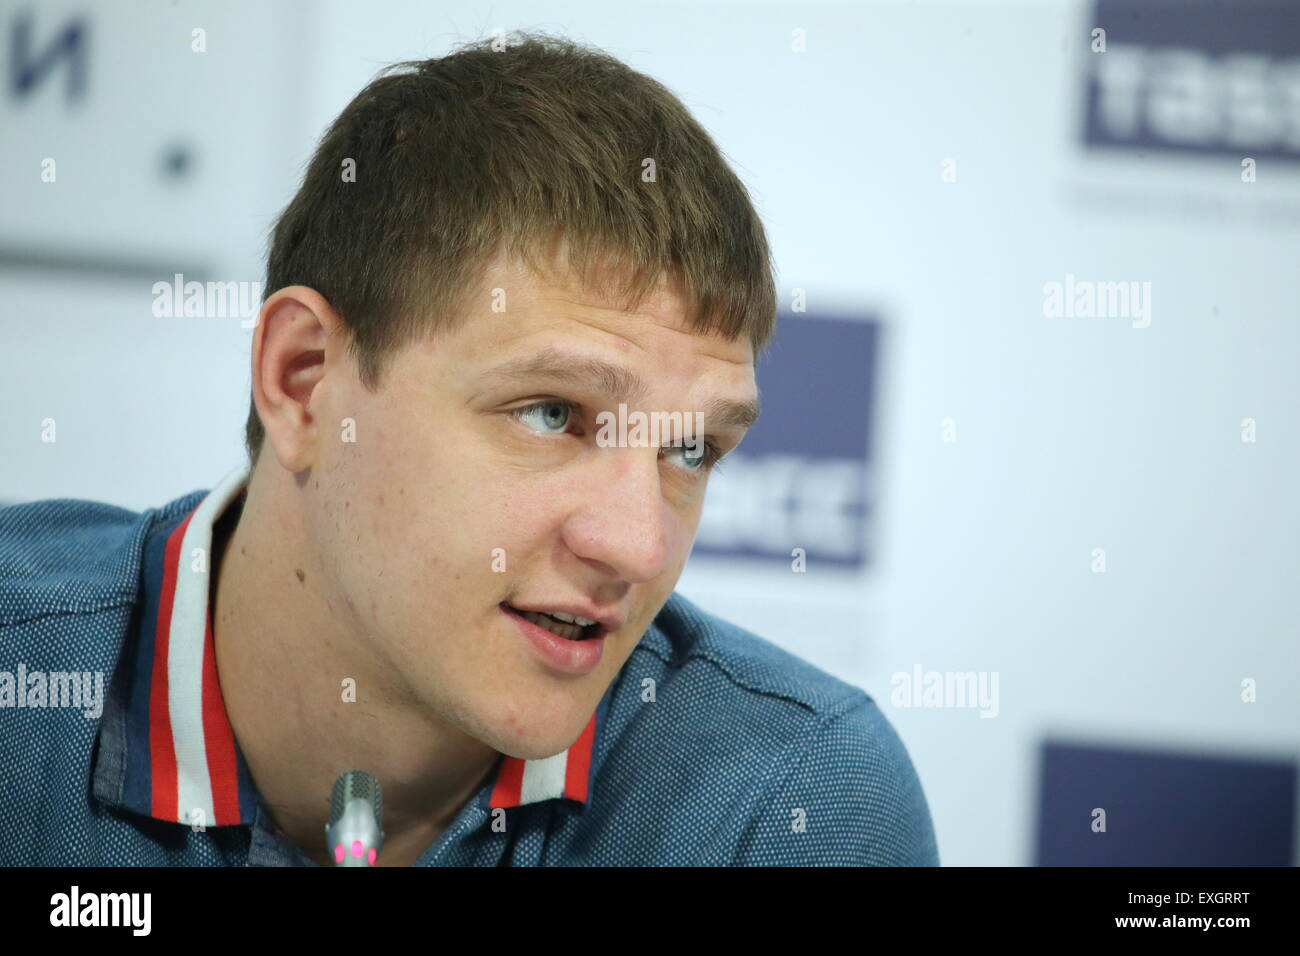 Moskau, Russland. 14. Juli 2015. Russischer Basketballspieler Timofey Mozgov spricht auf einer Pressekonferenz über Stockfoto